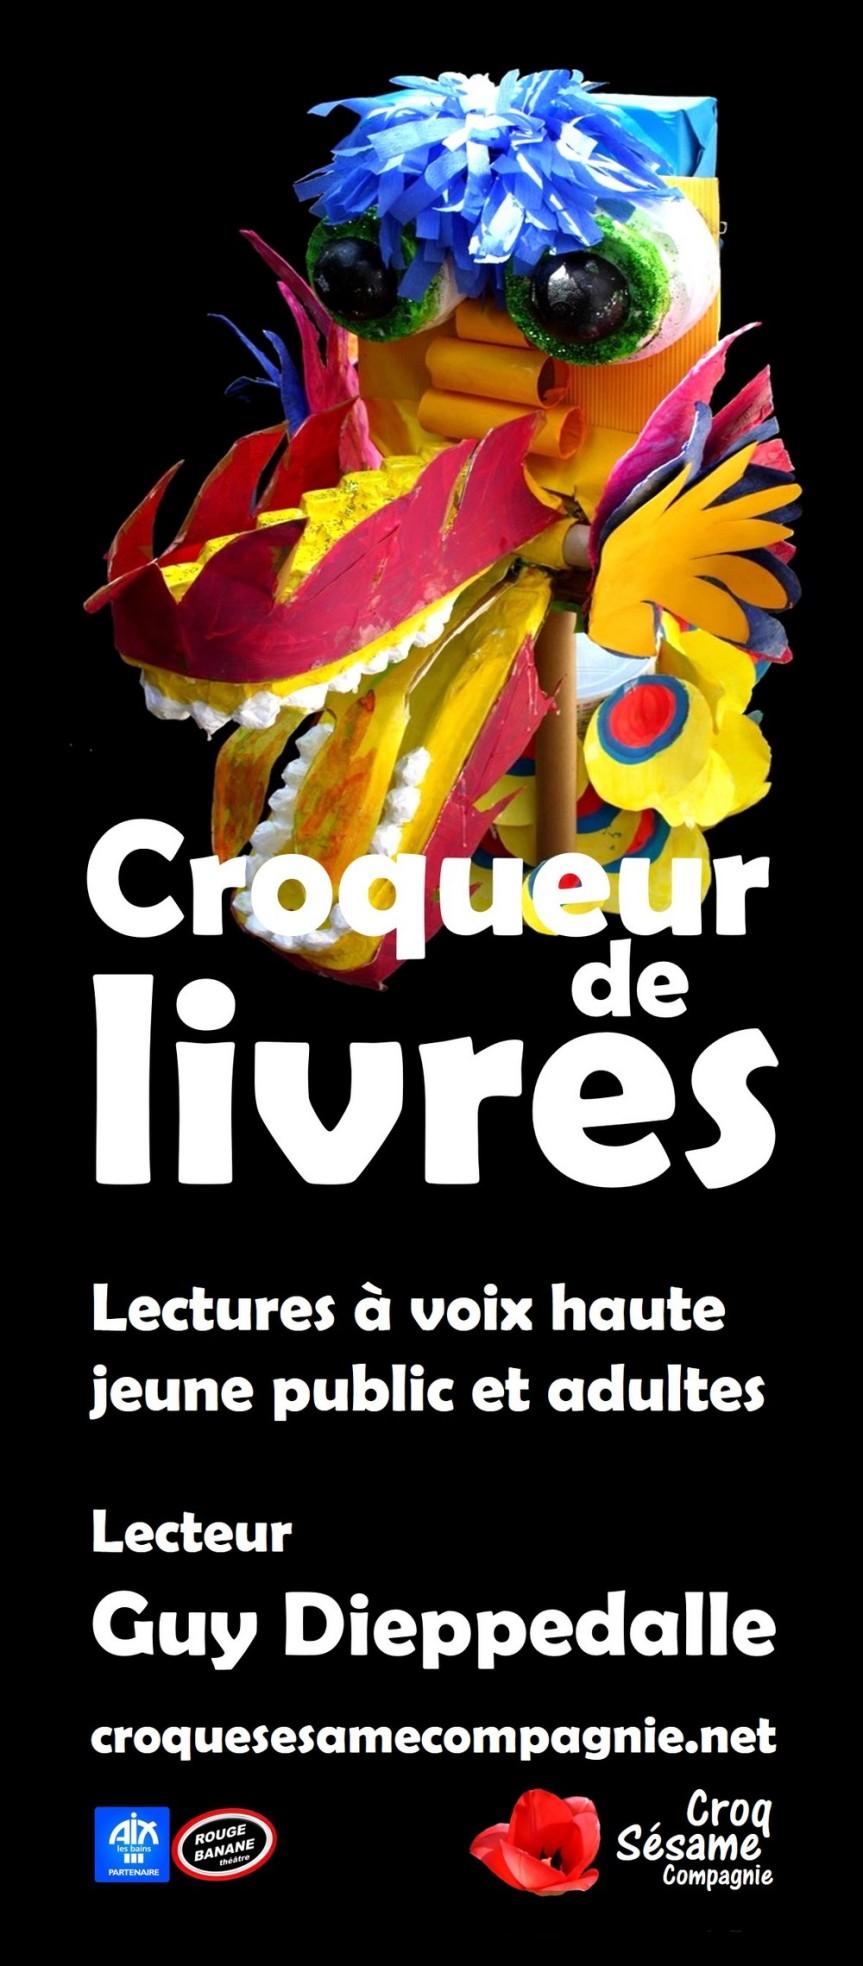 Croqueur de livres. Une passion : lire en public pour les enfants et lesadultes.